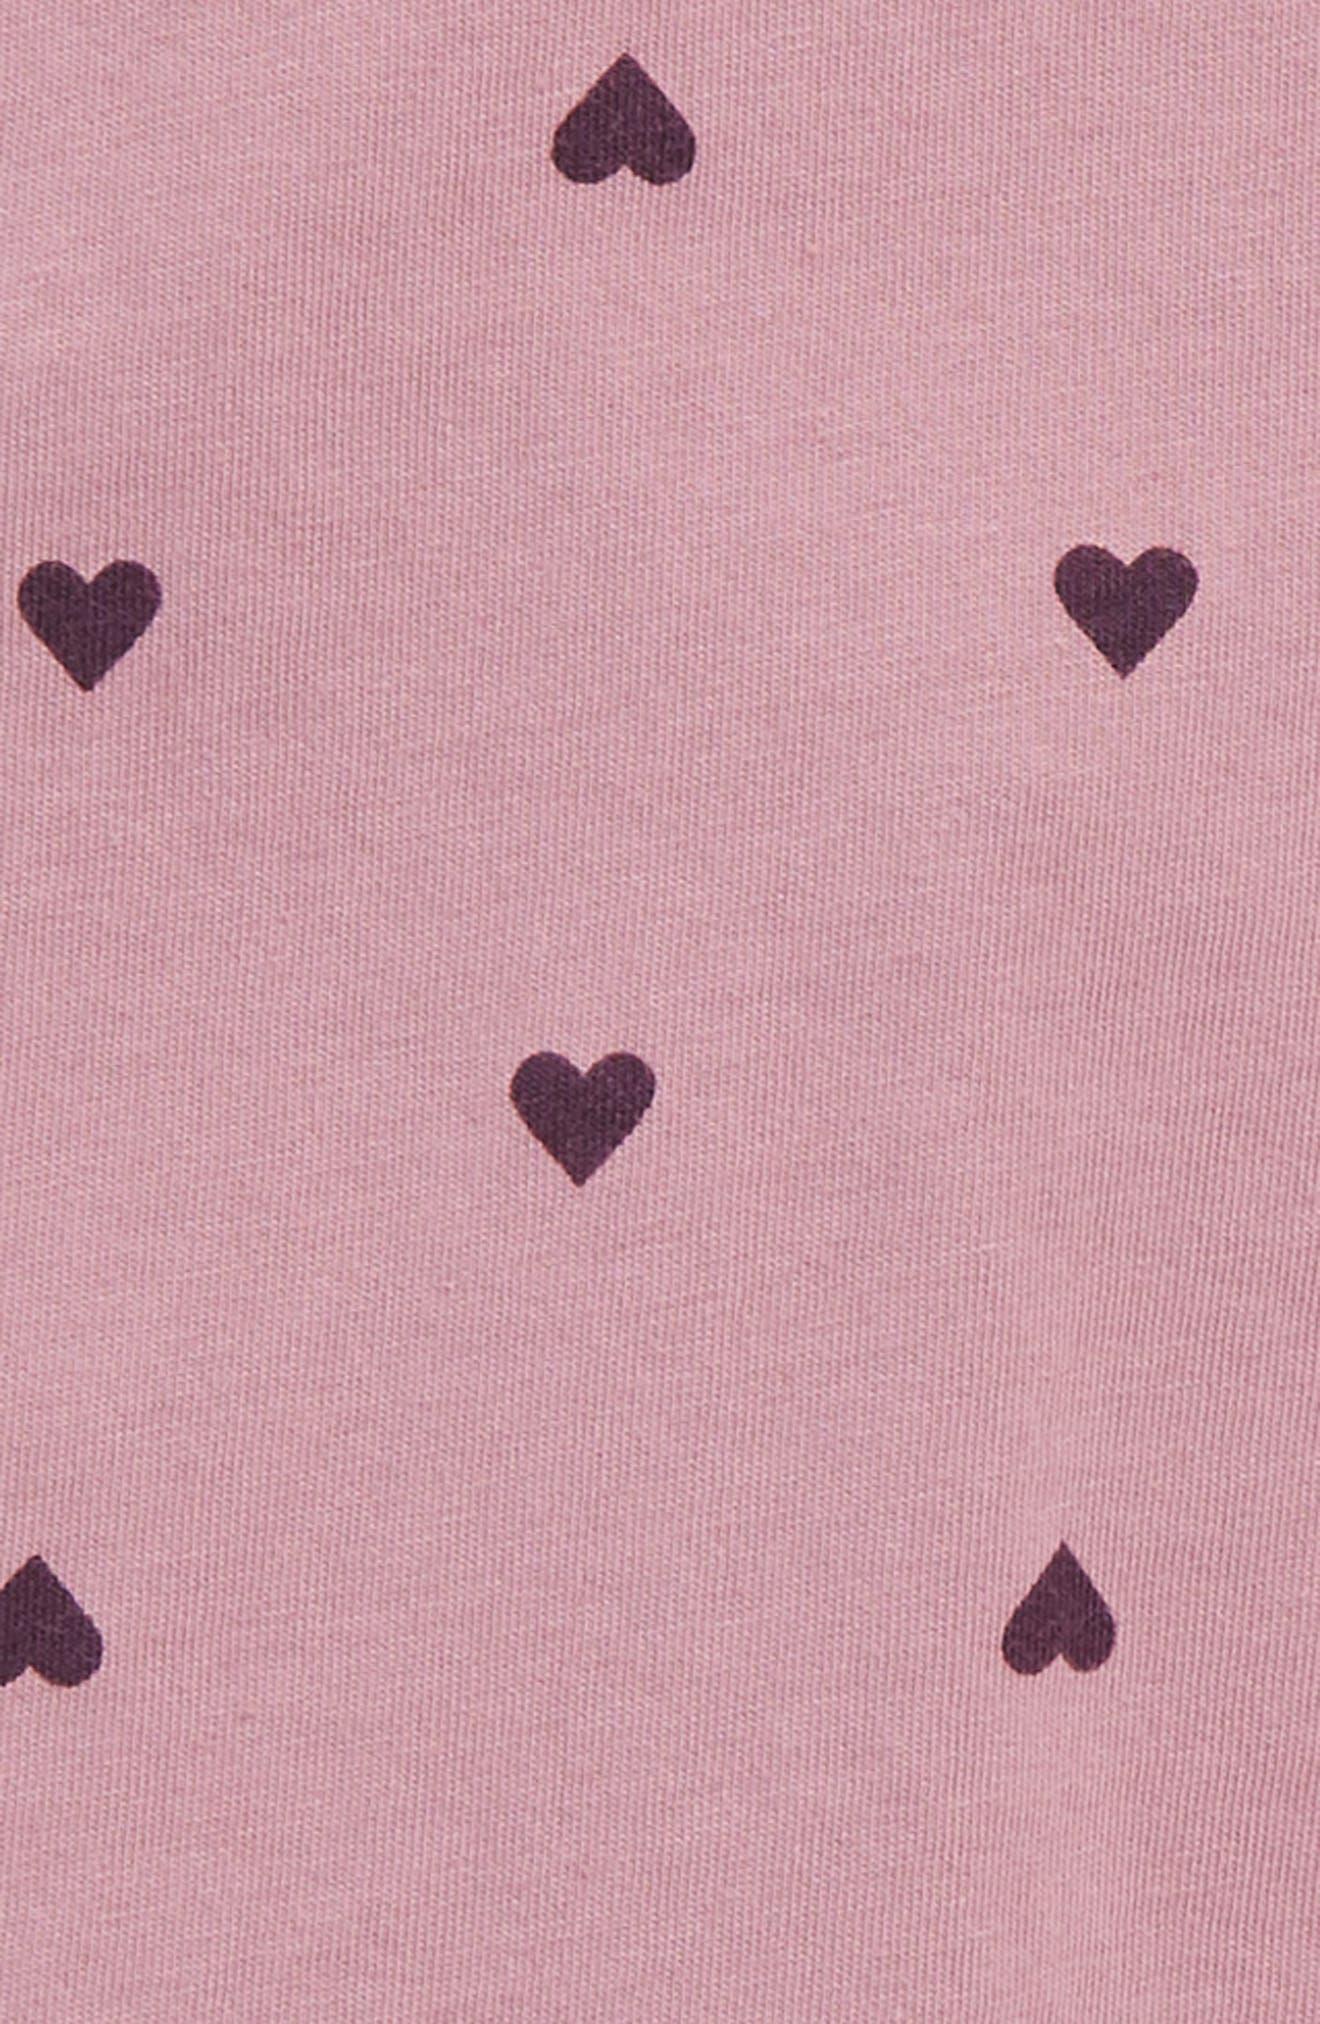 Flutter Sleeve Dress,                             Alternate thumbnail 3, color,                             650